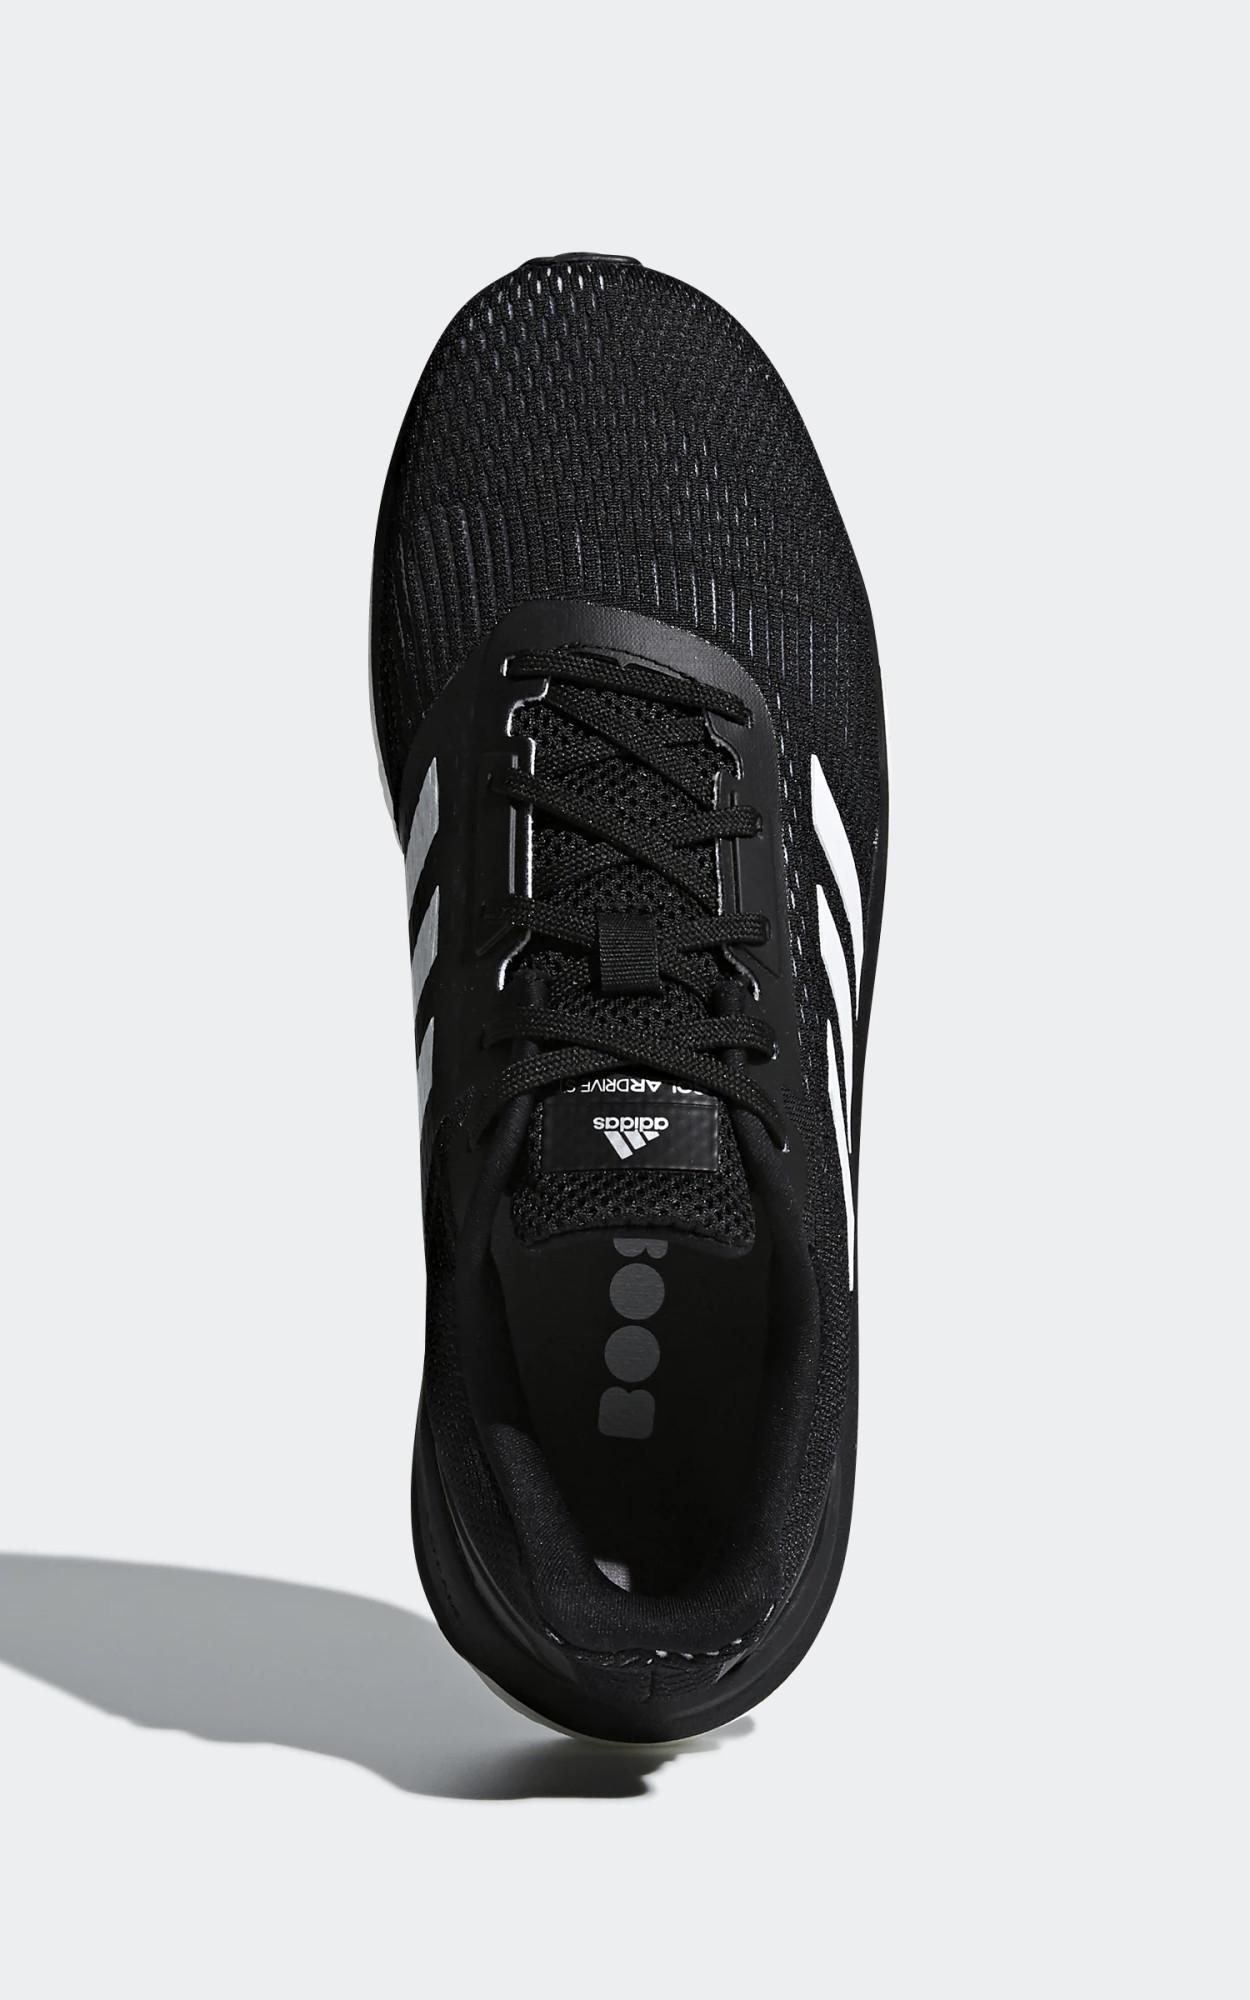 Adidas Scarpe Corsa Running Sneakers Solar Drive Boost Nero Uomo 10 10 di  12 ... 09a7e97c57e